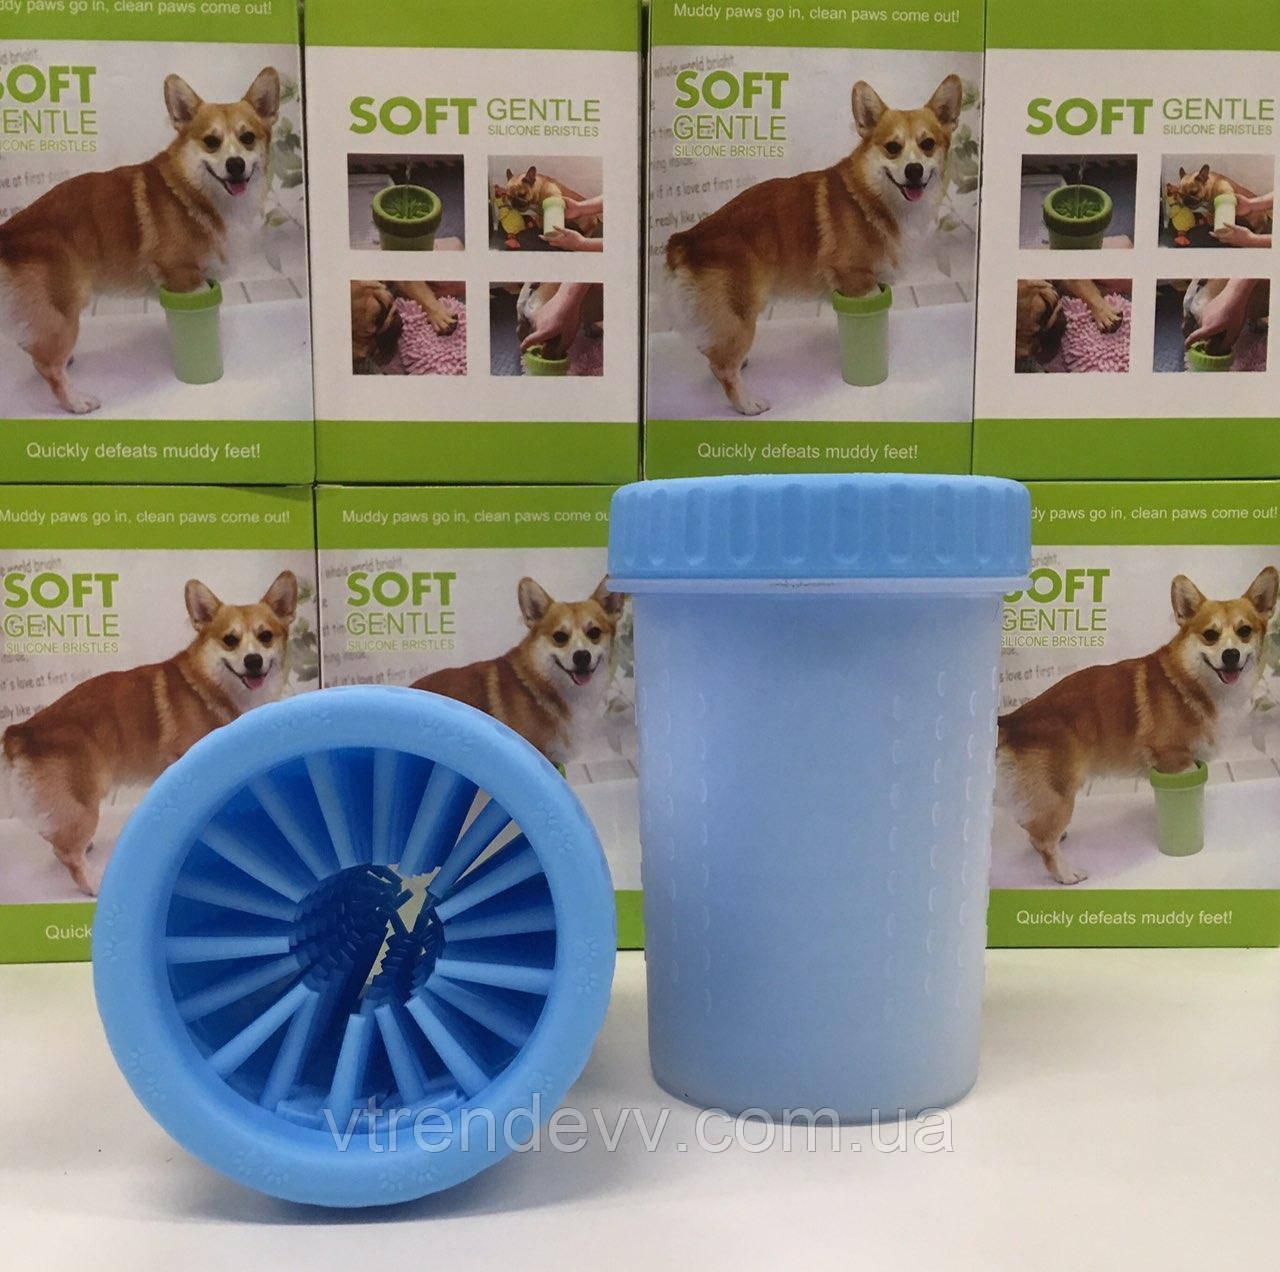 Лапомойка-стакан Soft gentle, для собак 15 см синяя